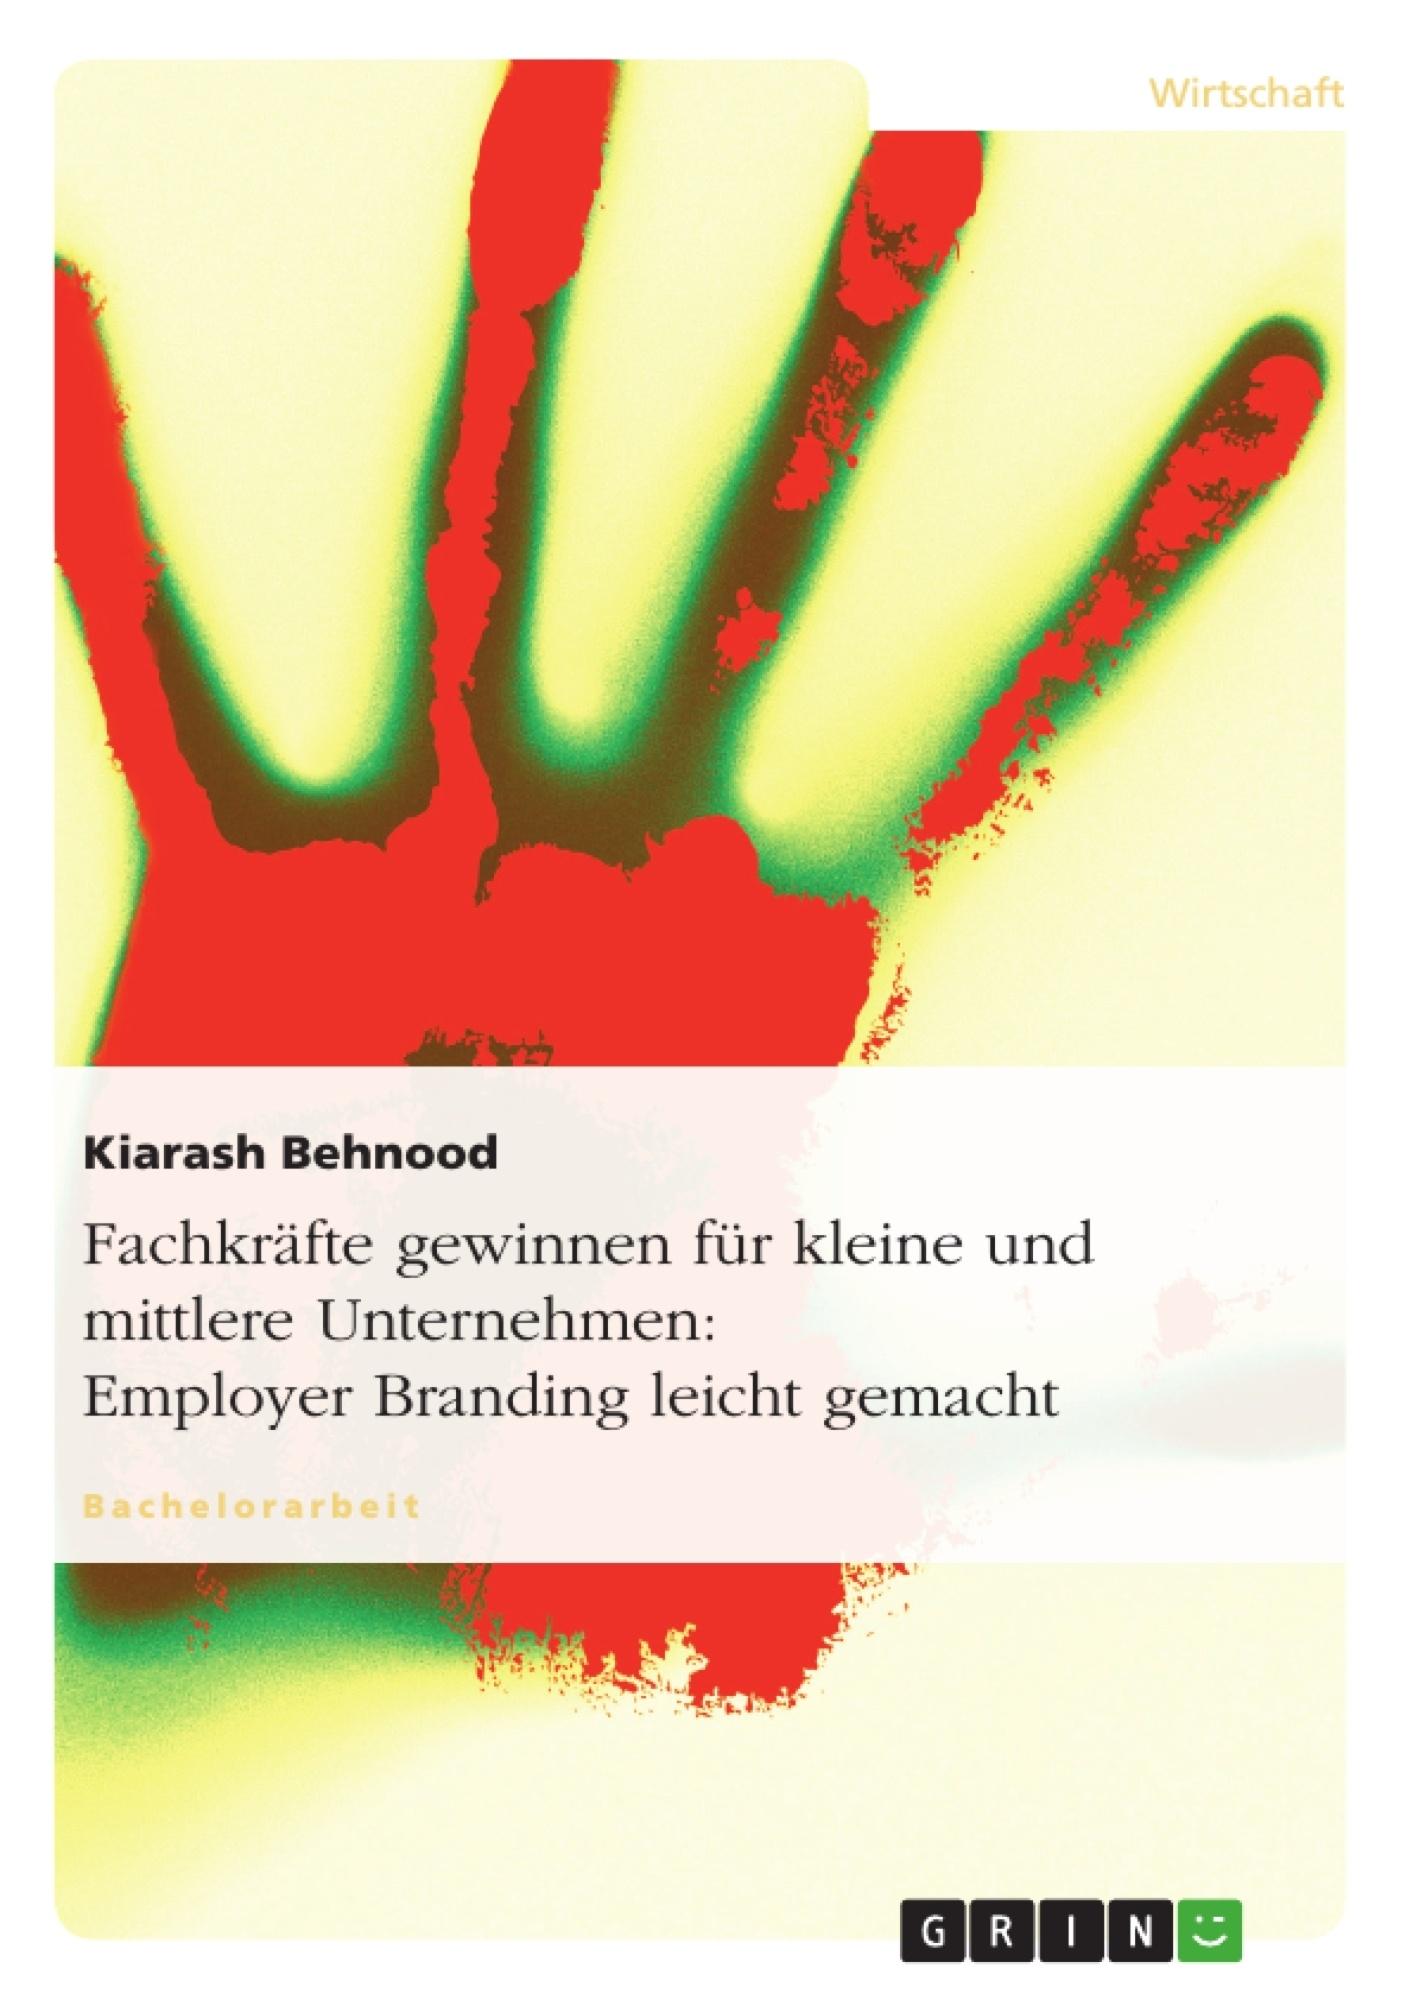 Titel: Fachkräfte gewinnen für kleine und mittlere Unternehmen: Employer Branding leicht gemacht